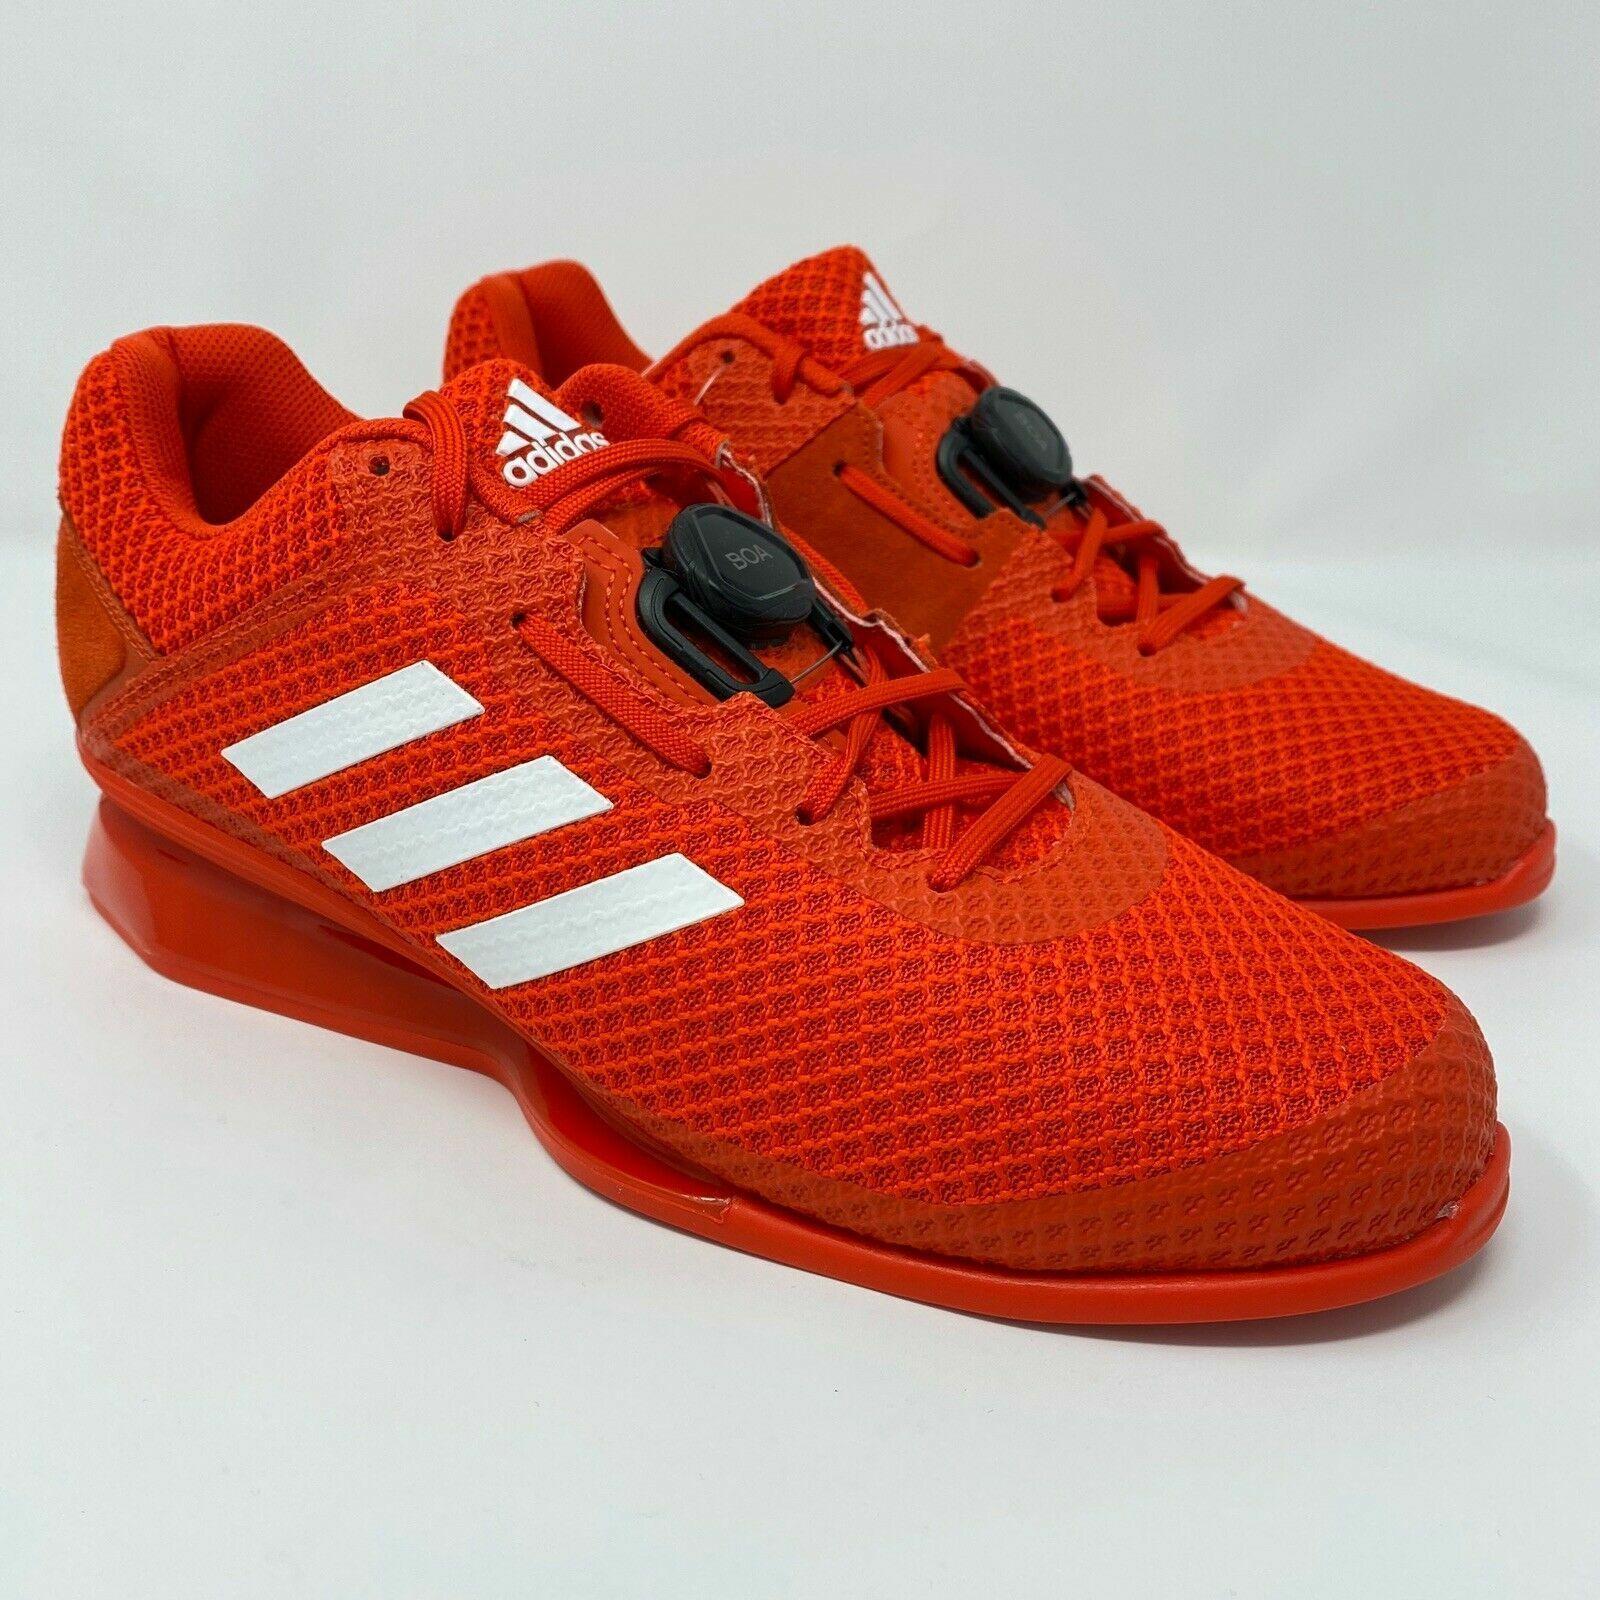 Détails sur Adidas Leistung 16 II Haltérophilie Boa Chaussures Crossfit Gym Red (BD7161) Sz